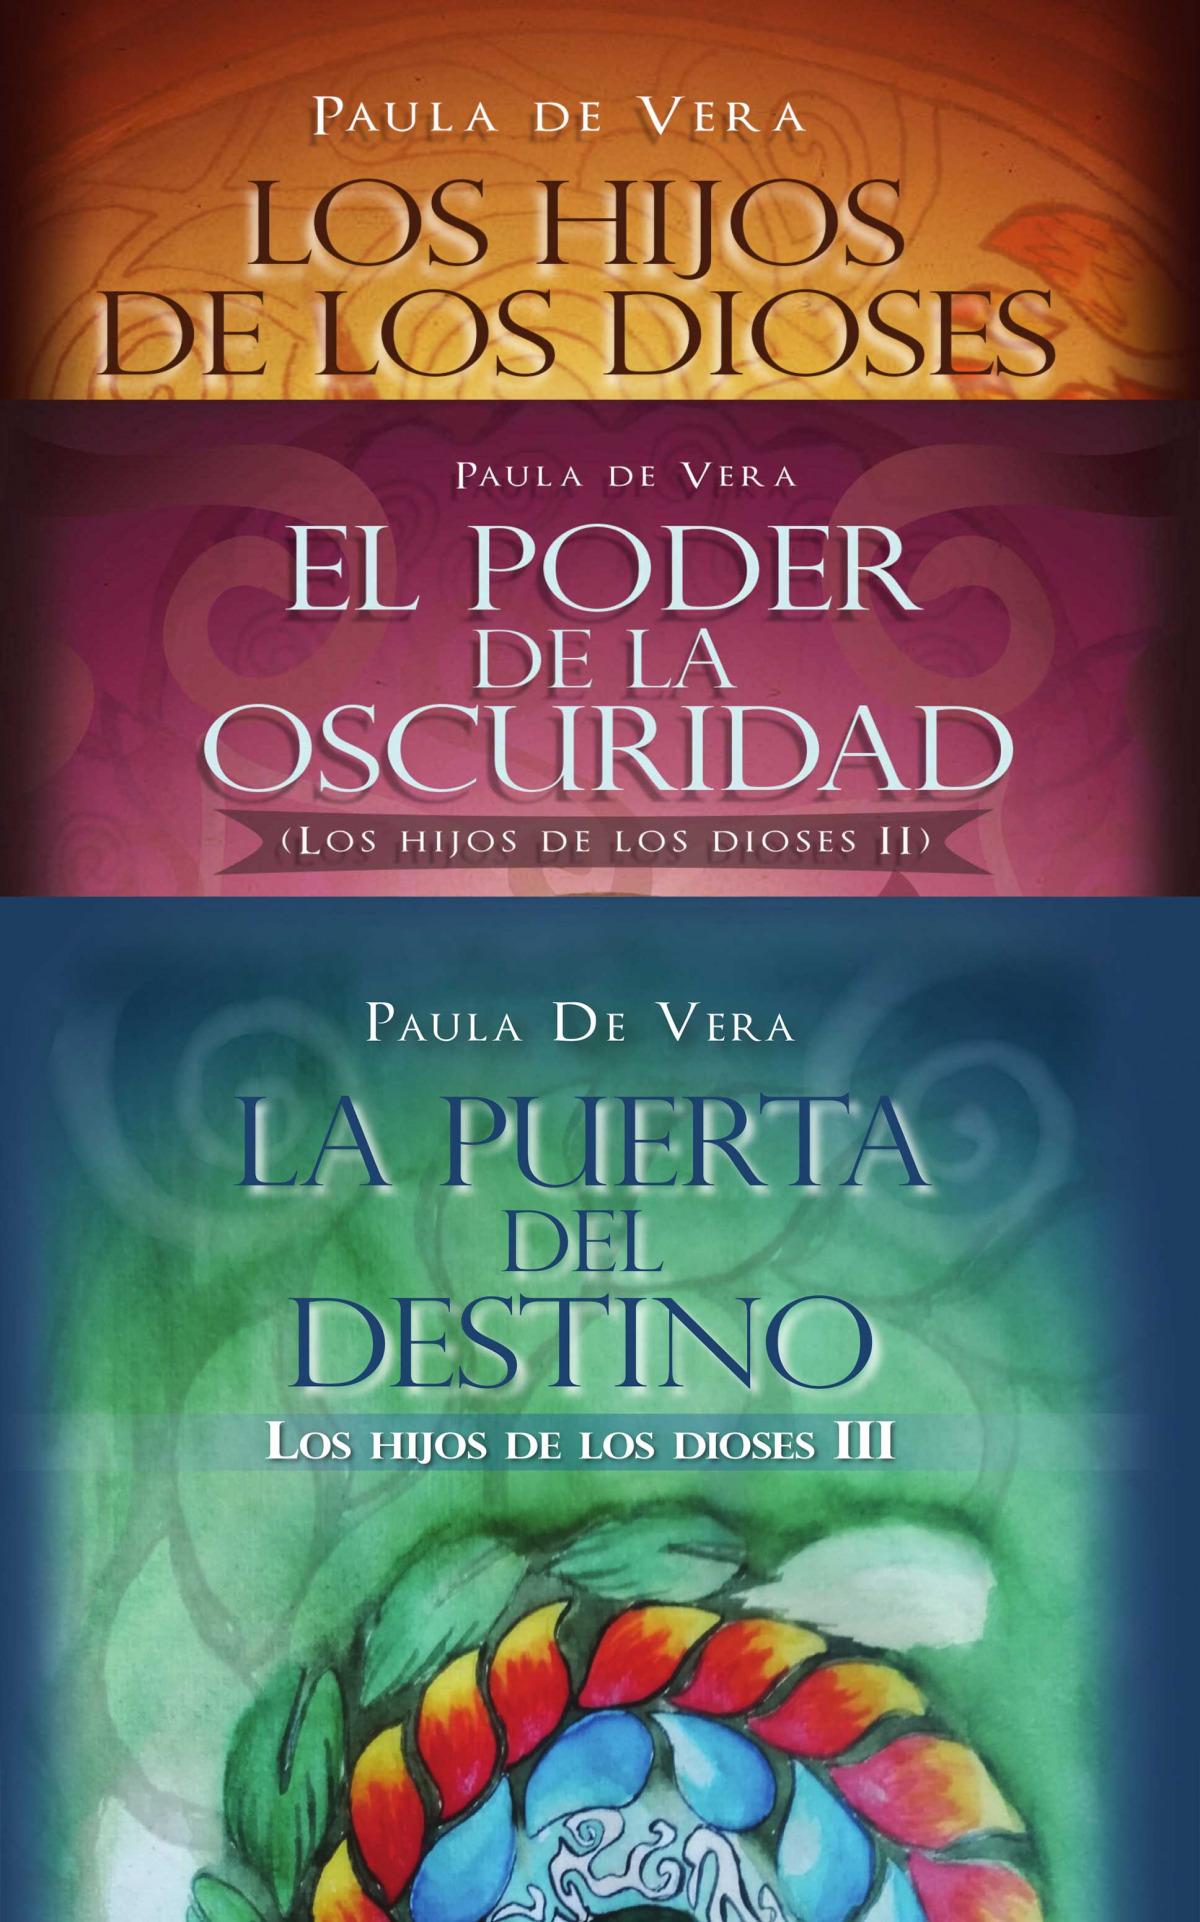 Trilogia de los hijos de los dioses